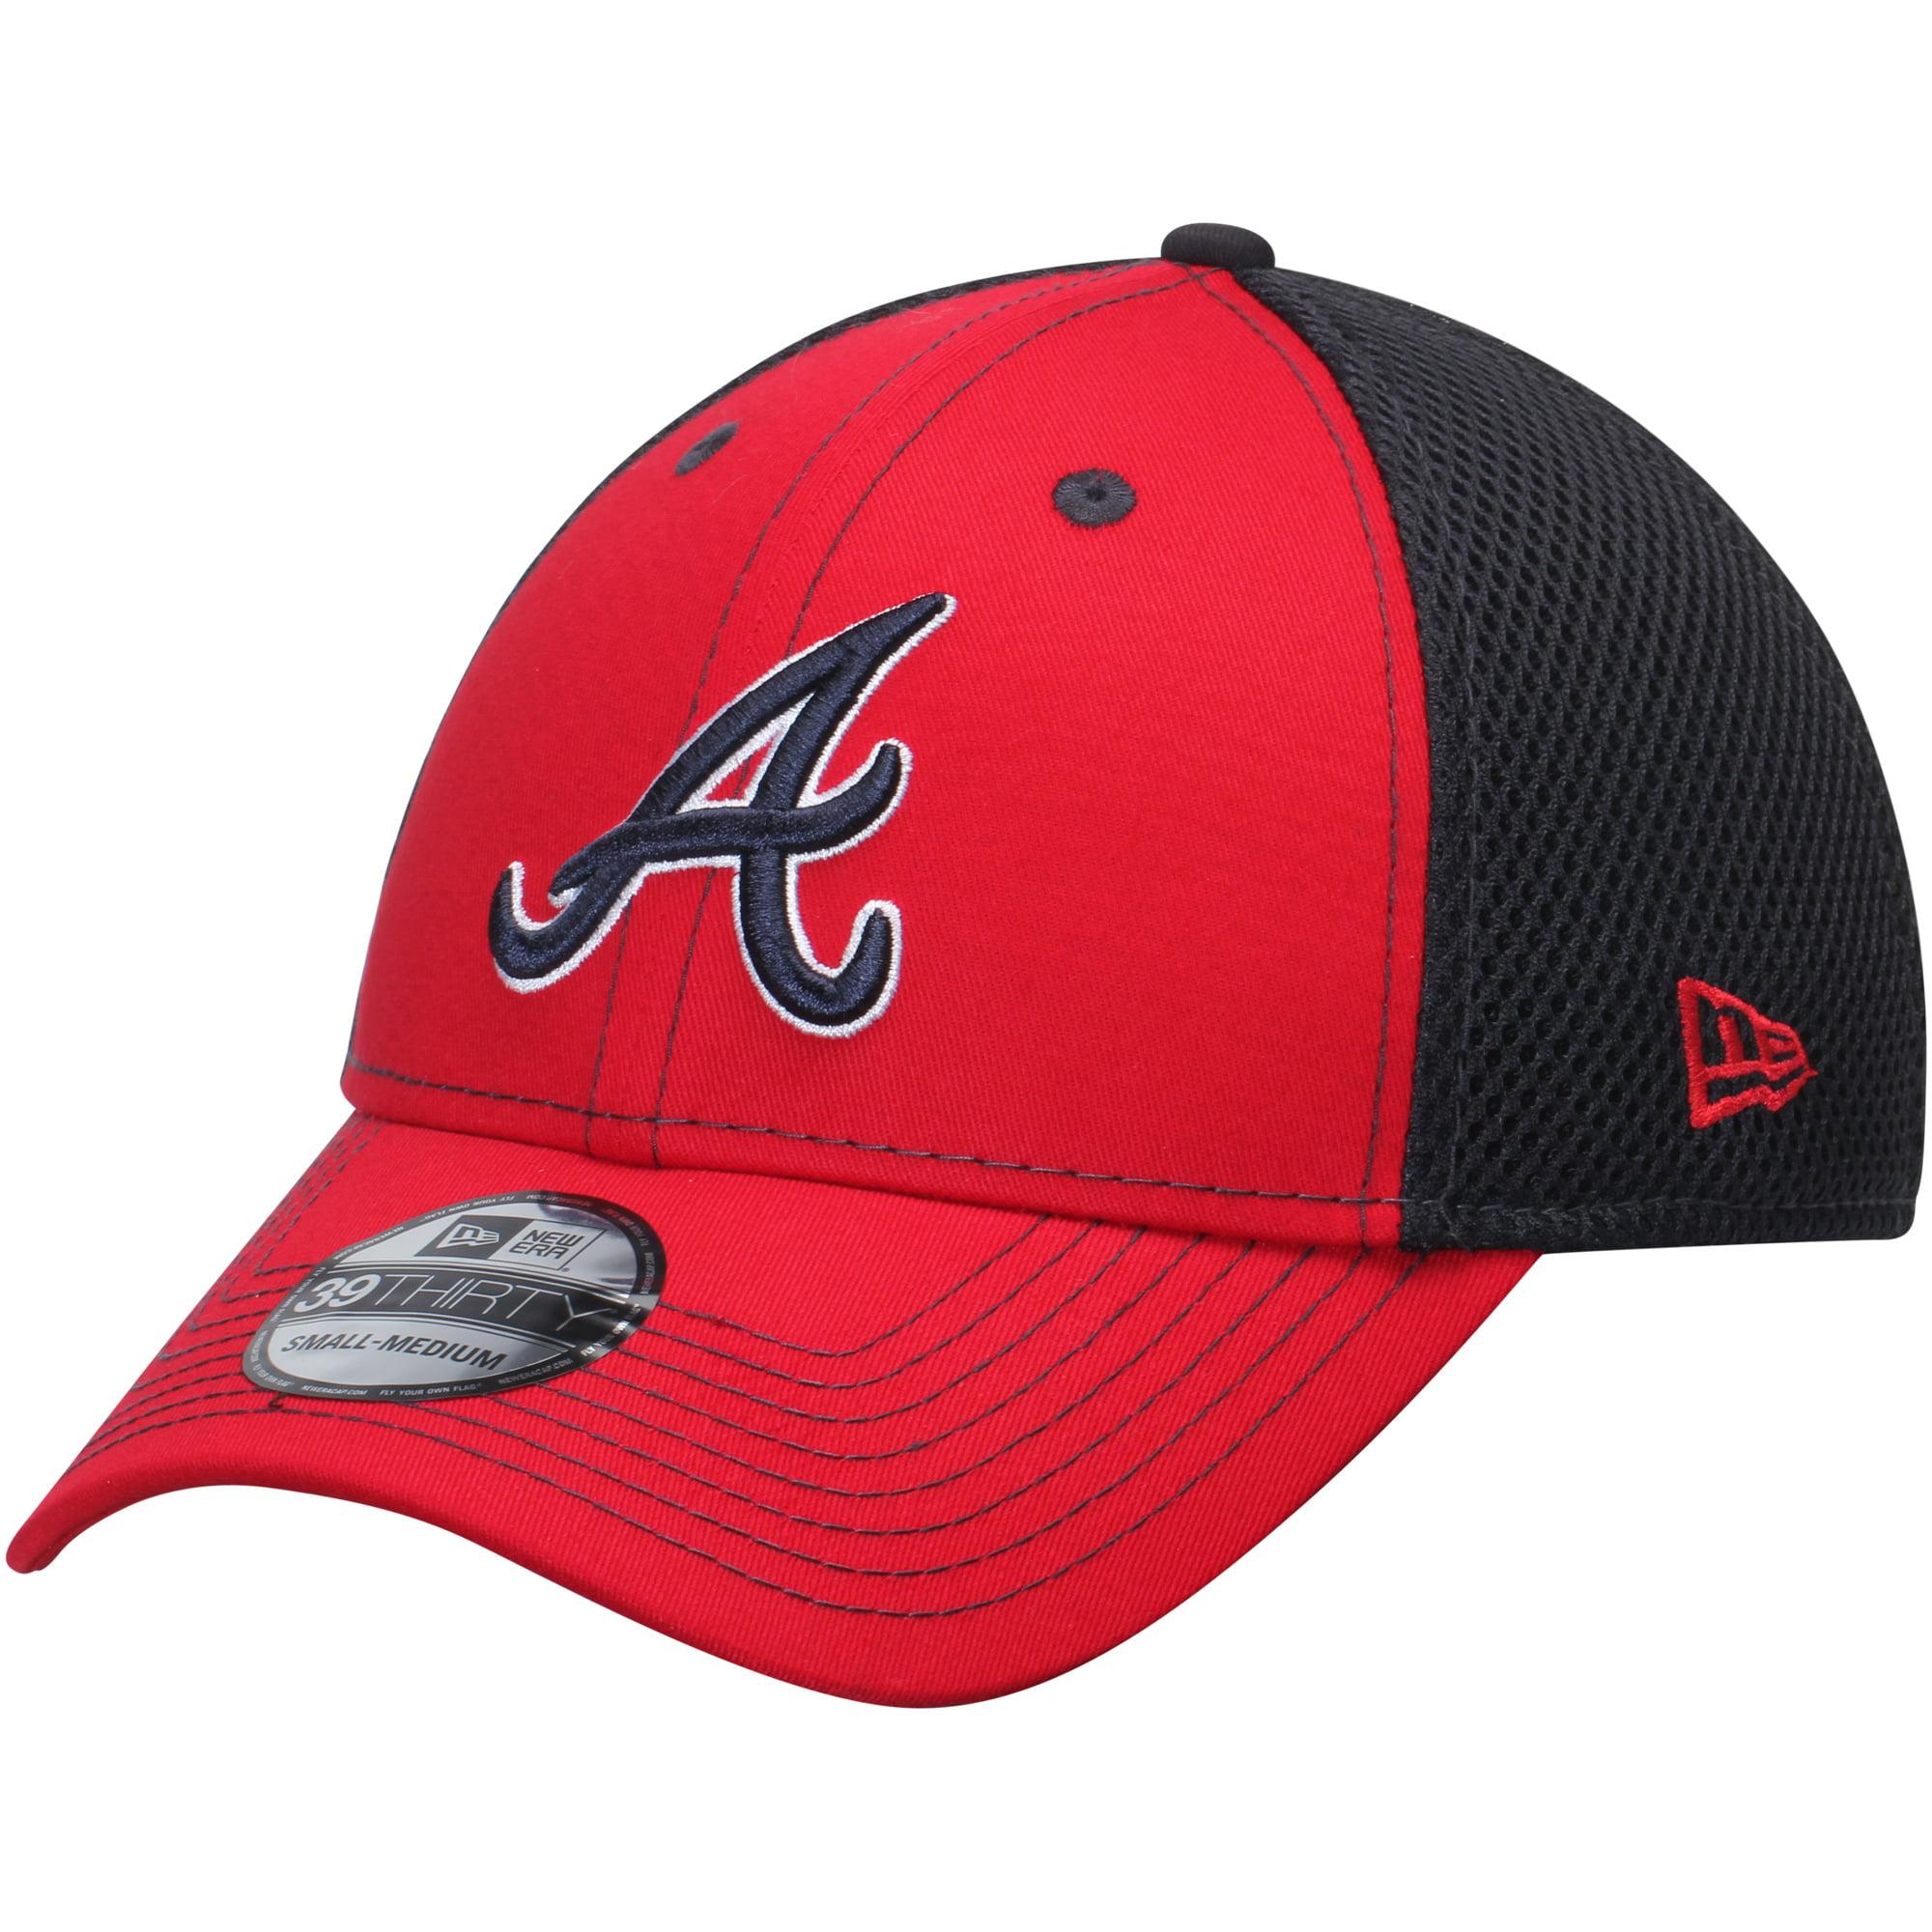 Atlanta Braves New Era Team Front Neo 39THIRTY Flex Hat - Red/Navy